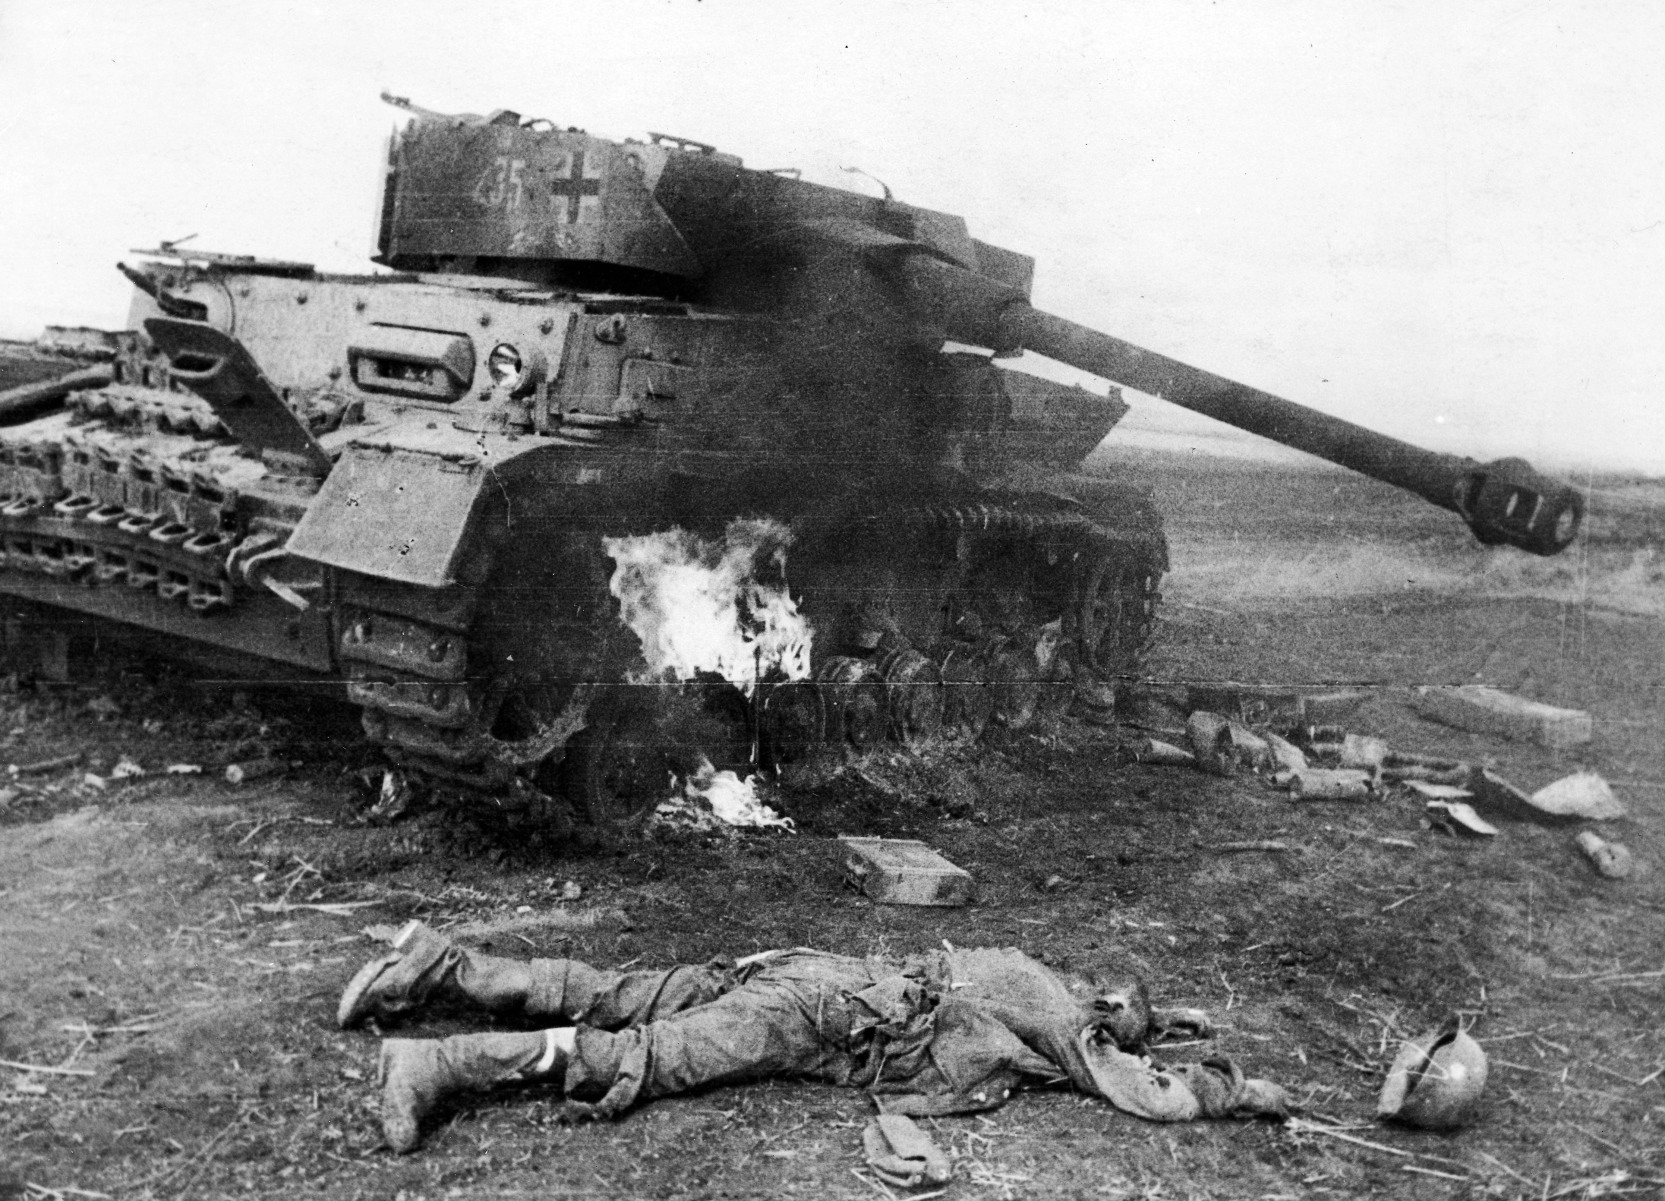 Battaglia di Kursk